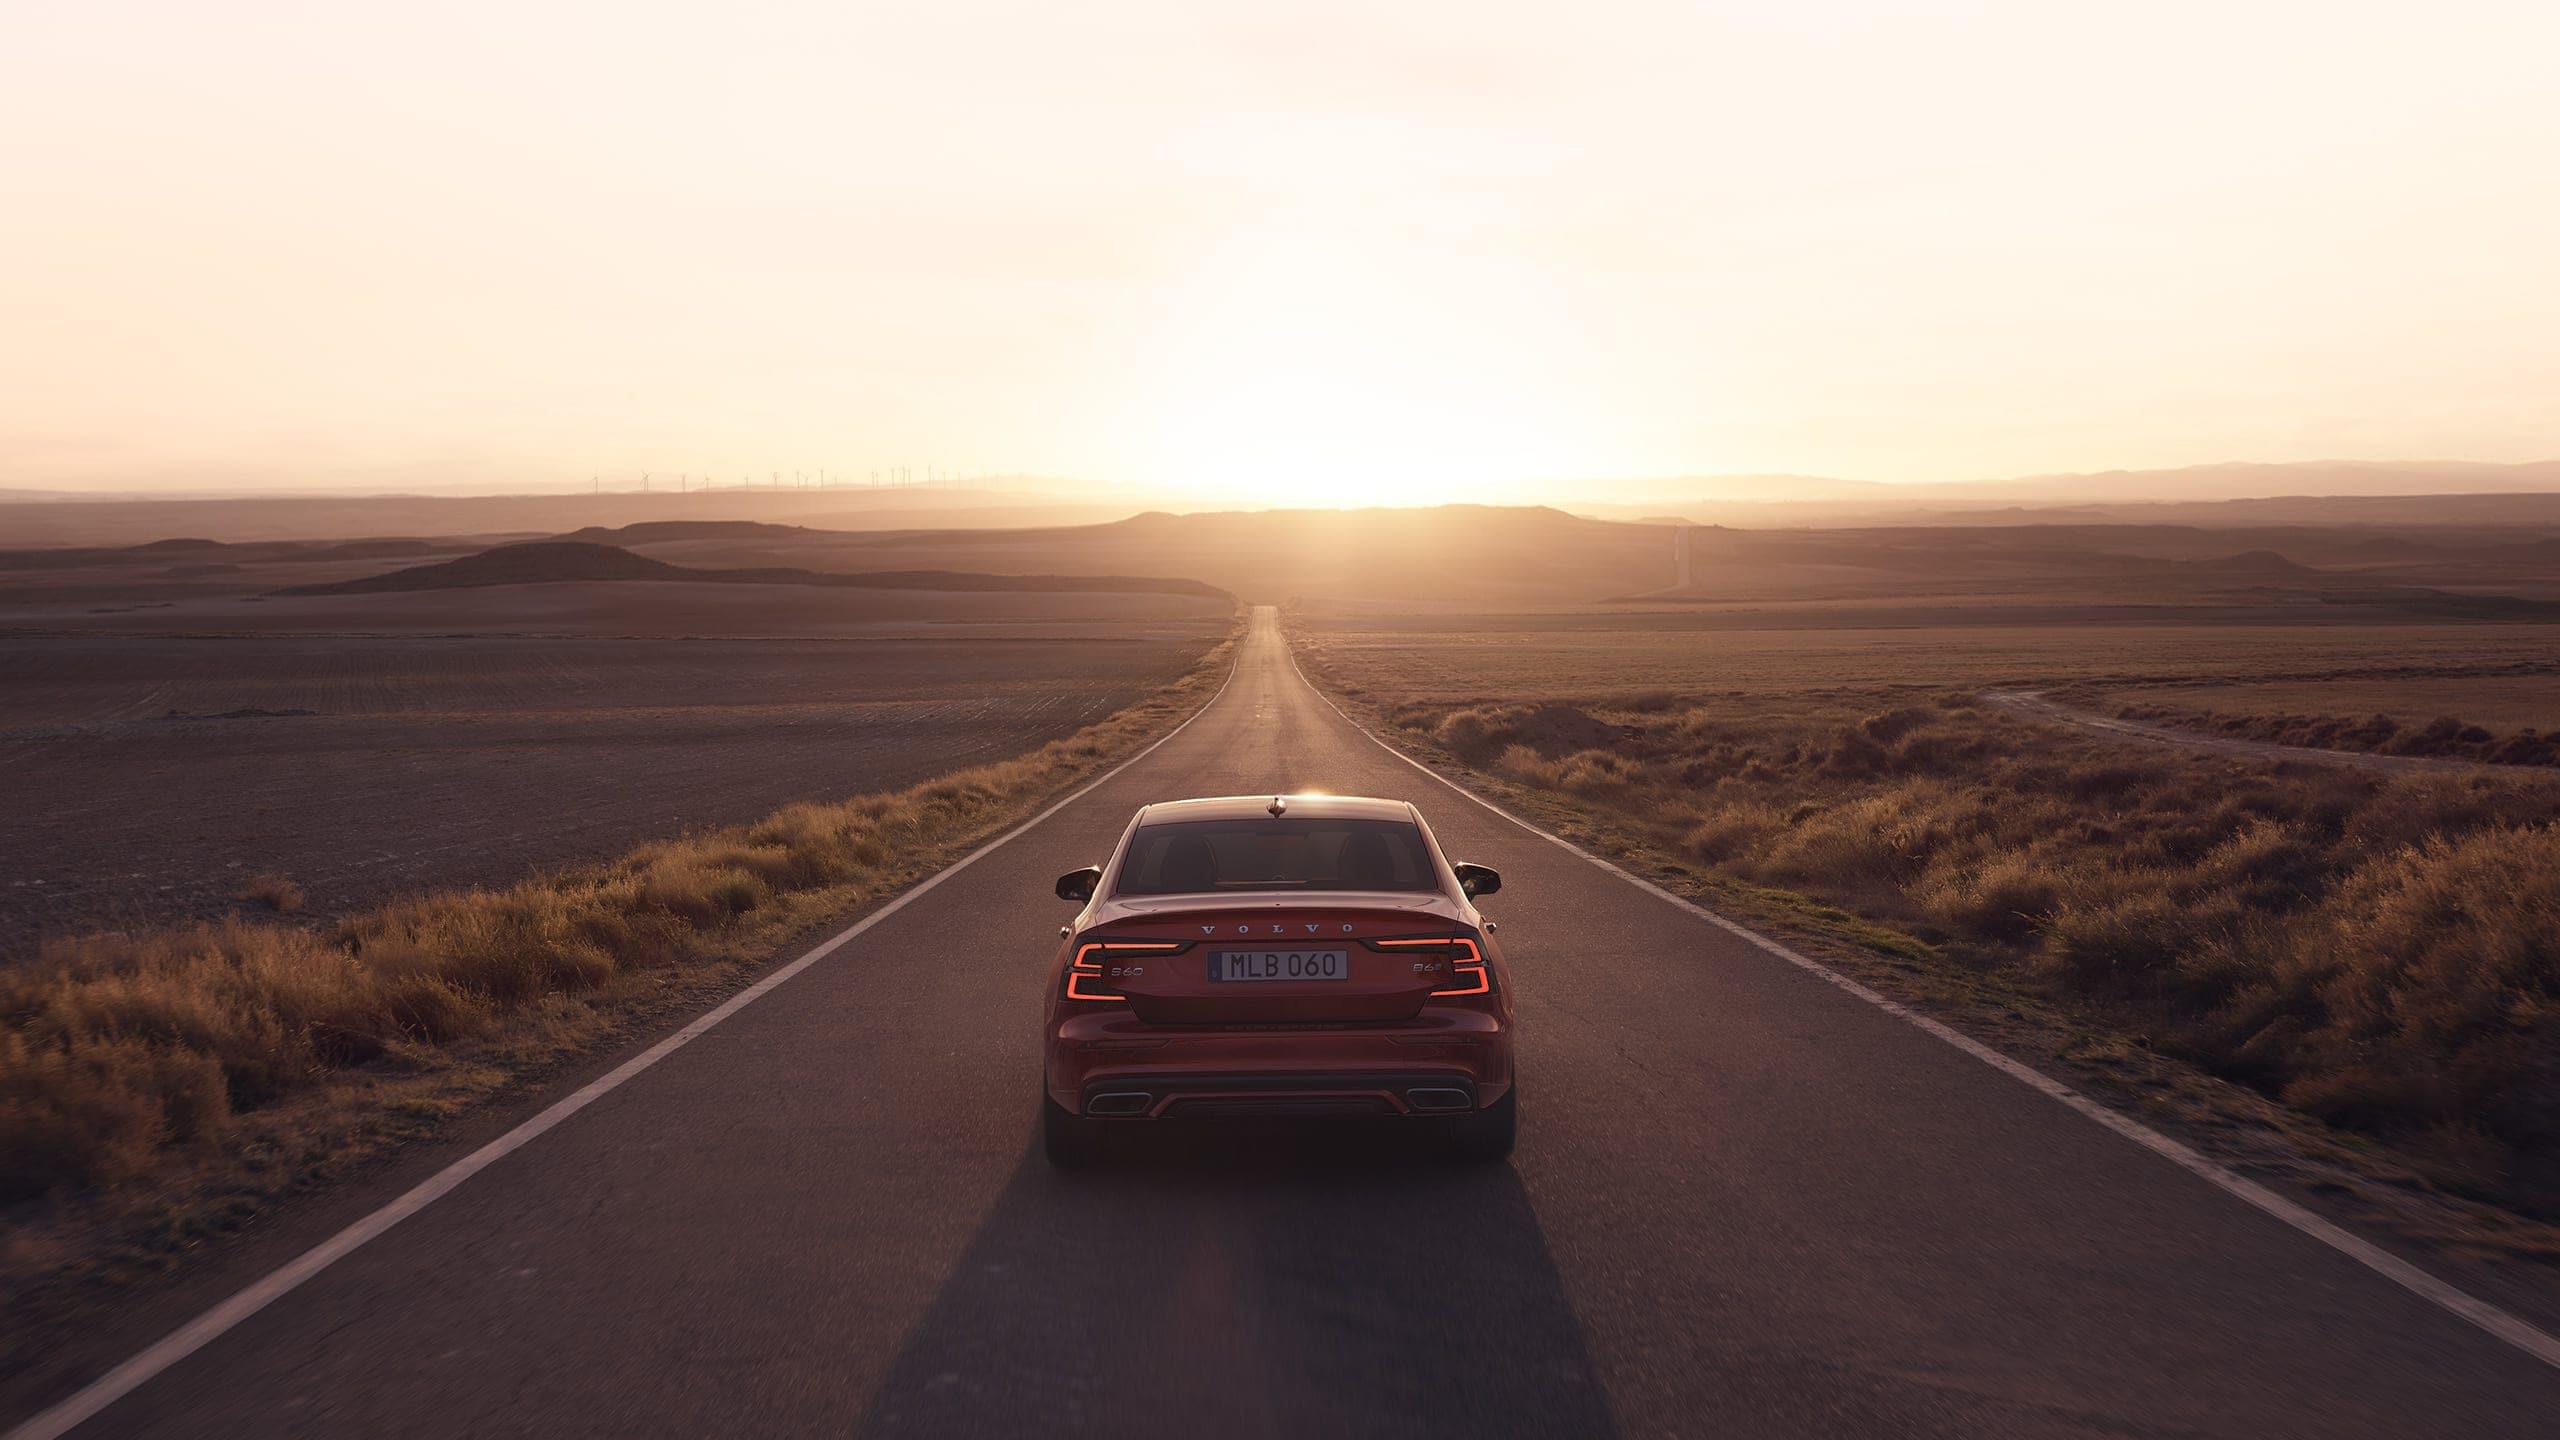 Petite berline sportive Volvo S60 rouge sur une route au coucher du soleil.